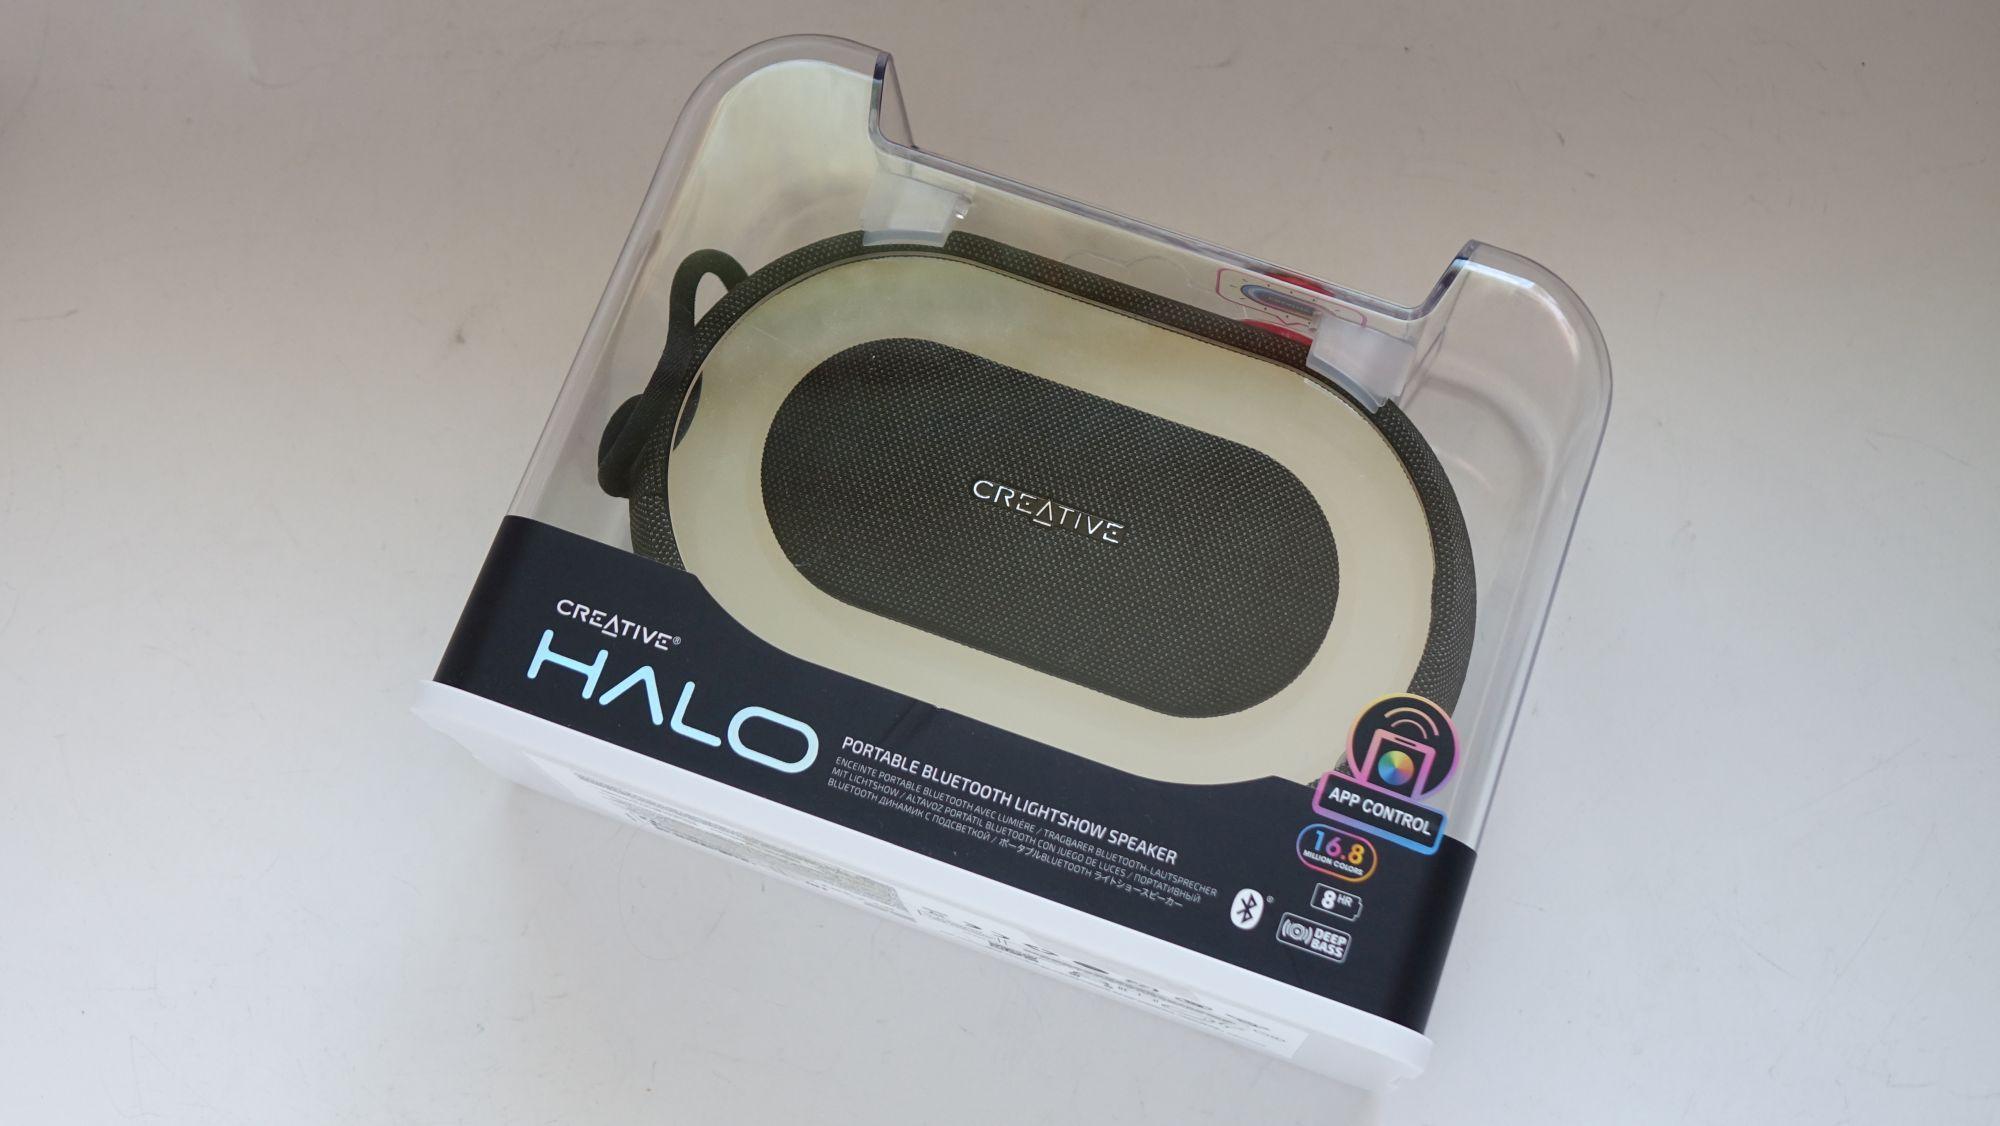 Creative Halo упаковка